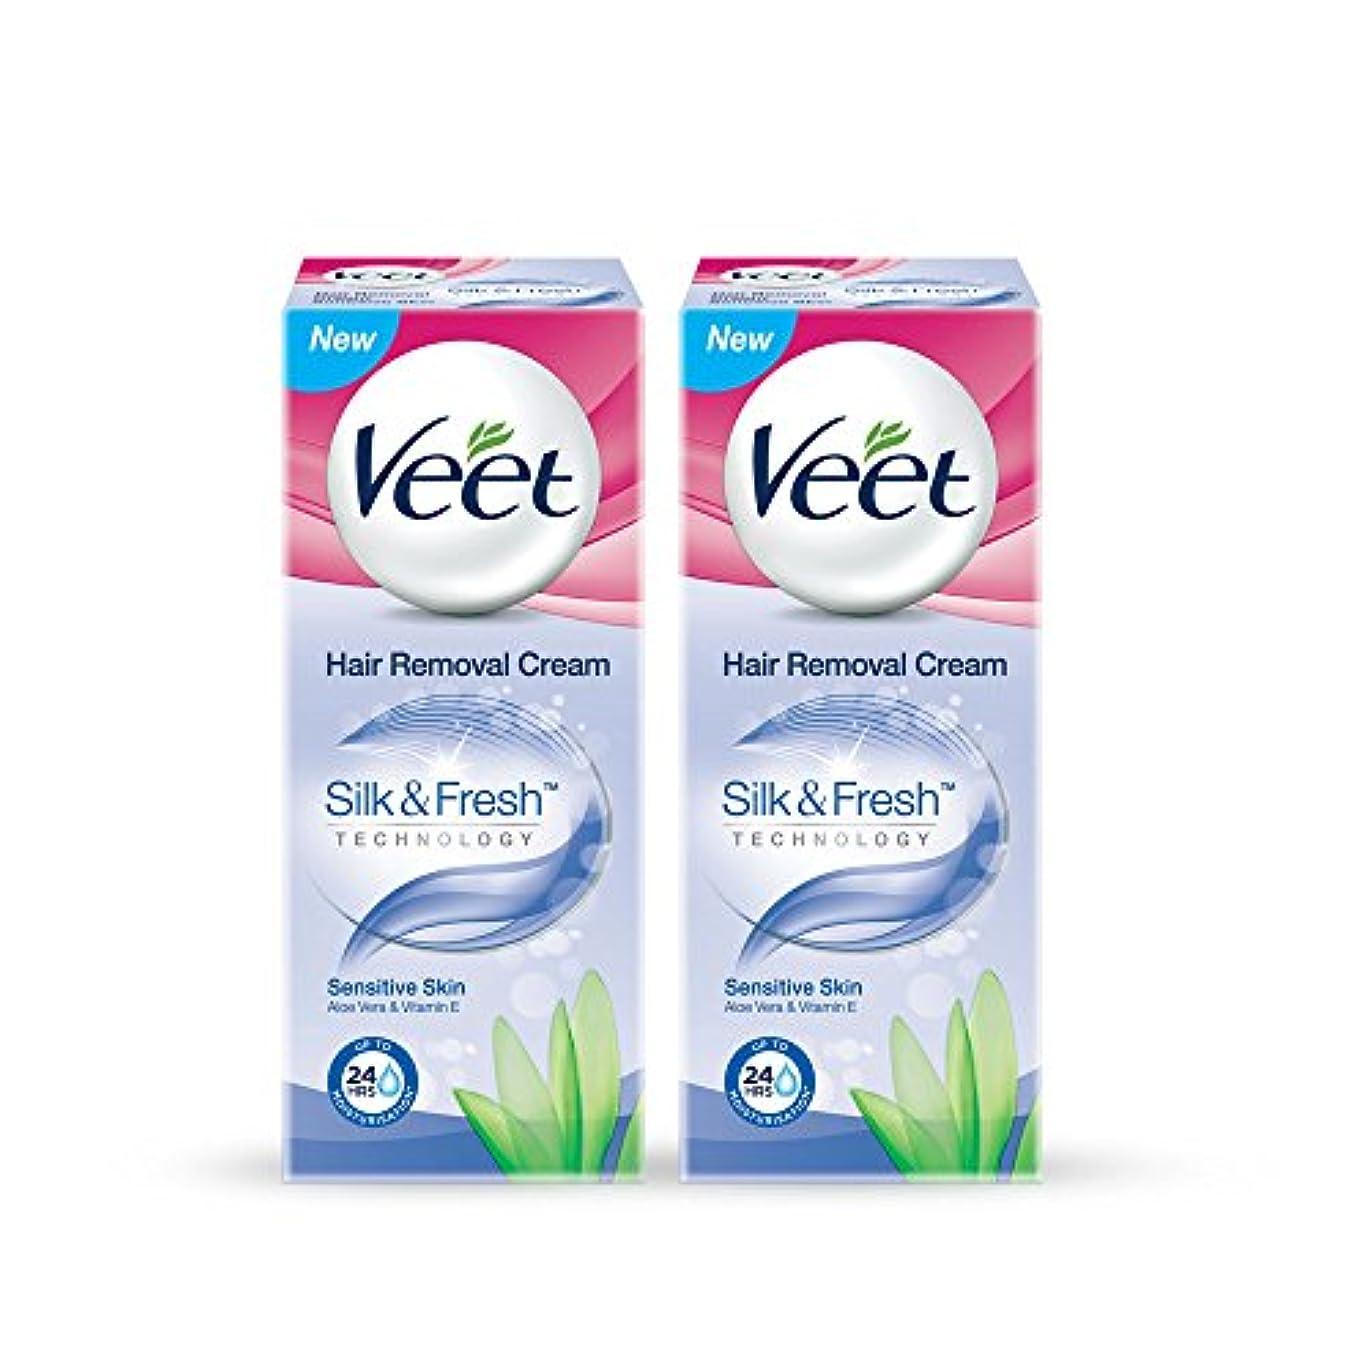 シソーラス繰り返すペニーVeet Hair Removal Gel Cream For Sensitive Skin With Aloe Vera and Vitamin E 25 g (Pack of 2)